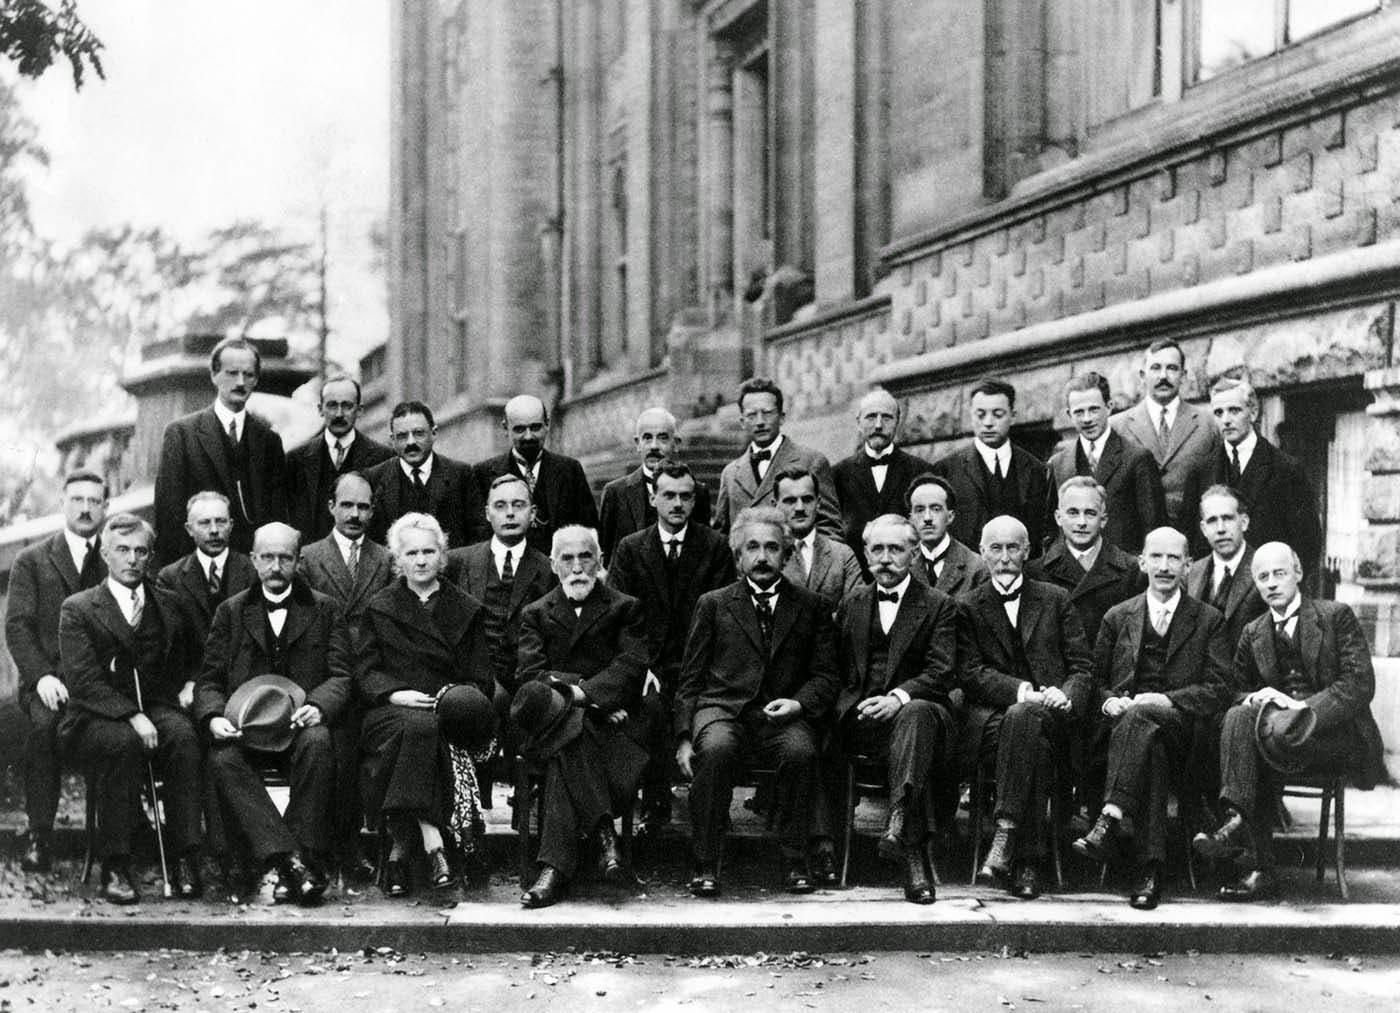 صورة للعلماء المجتمعين خلال مؤتمر سولفاي سنة 1927